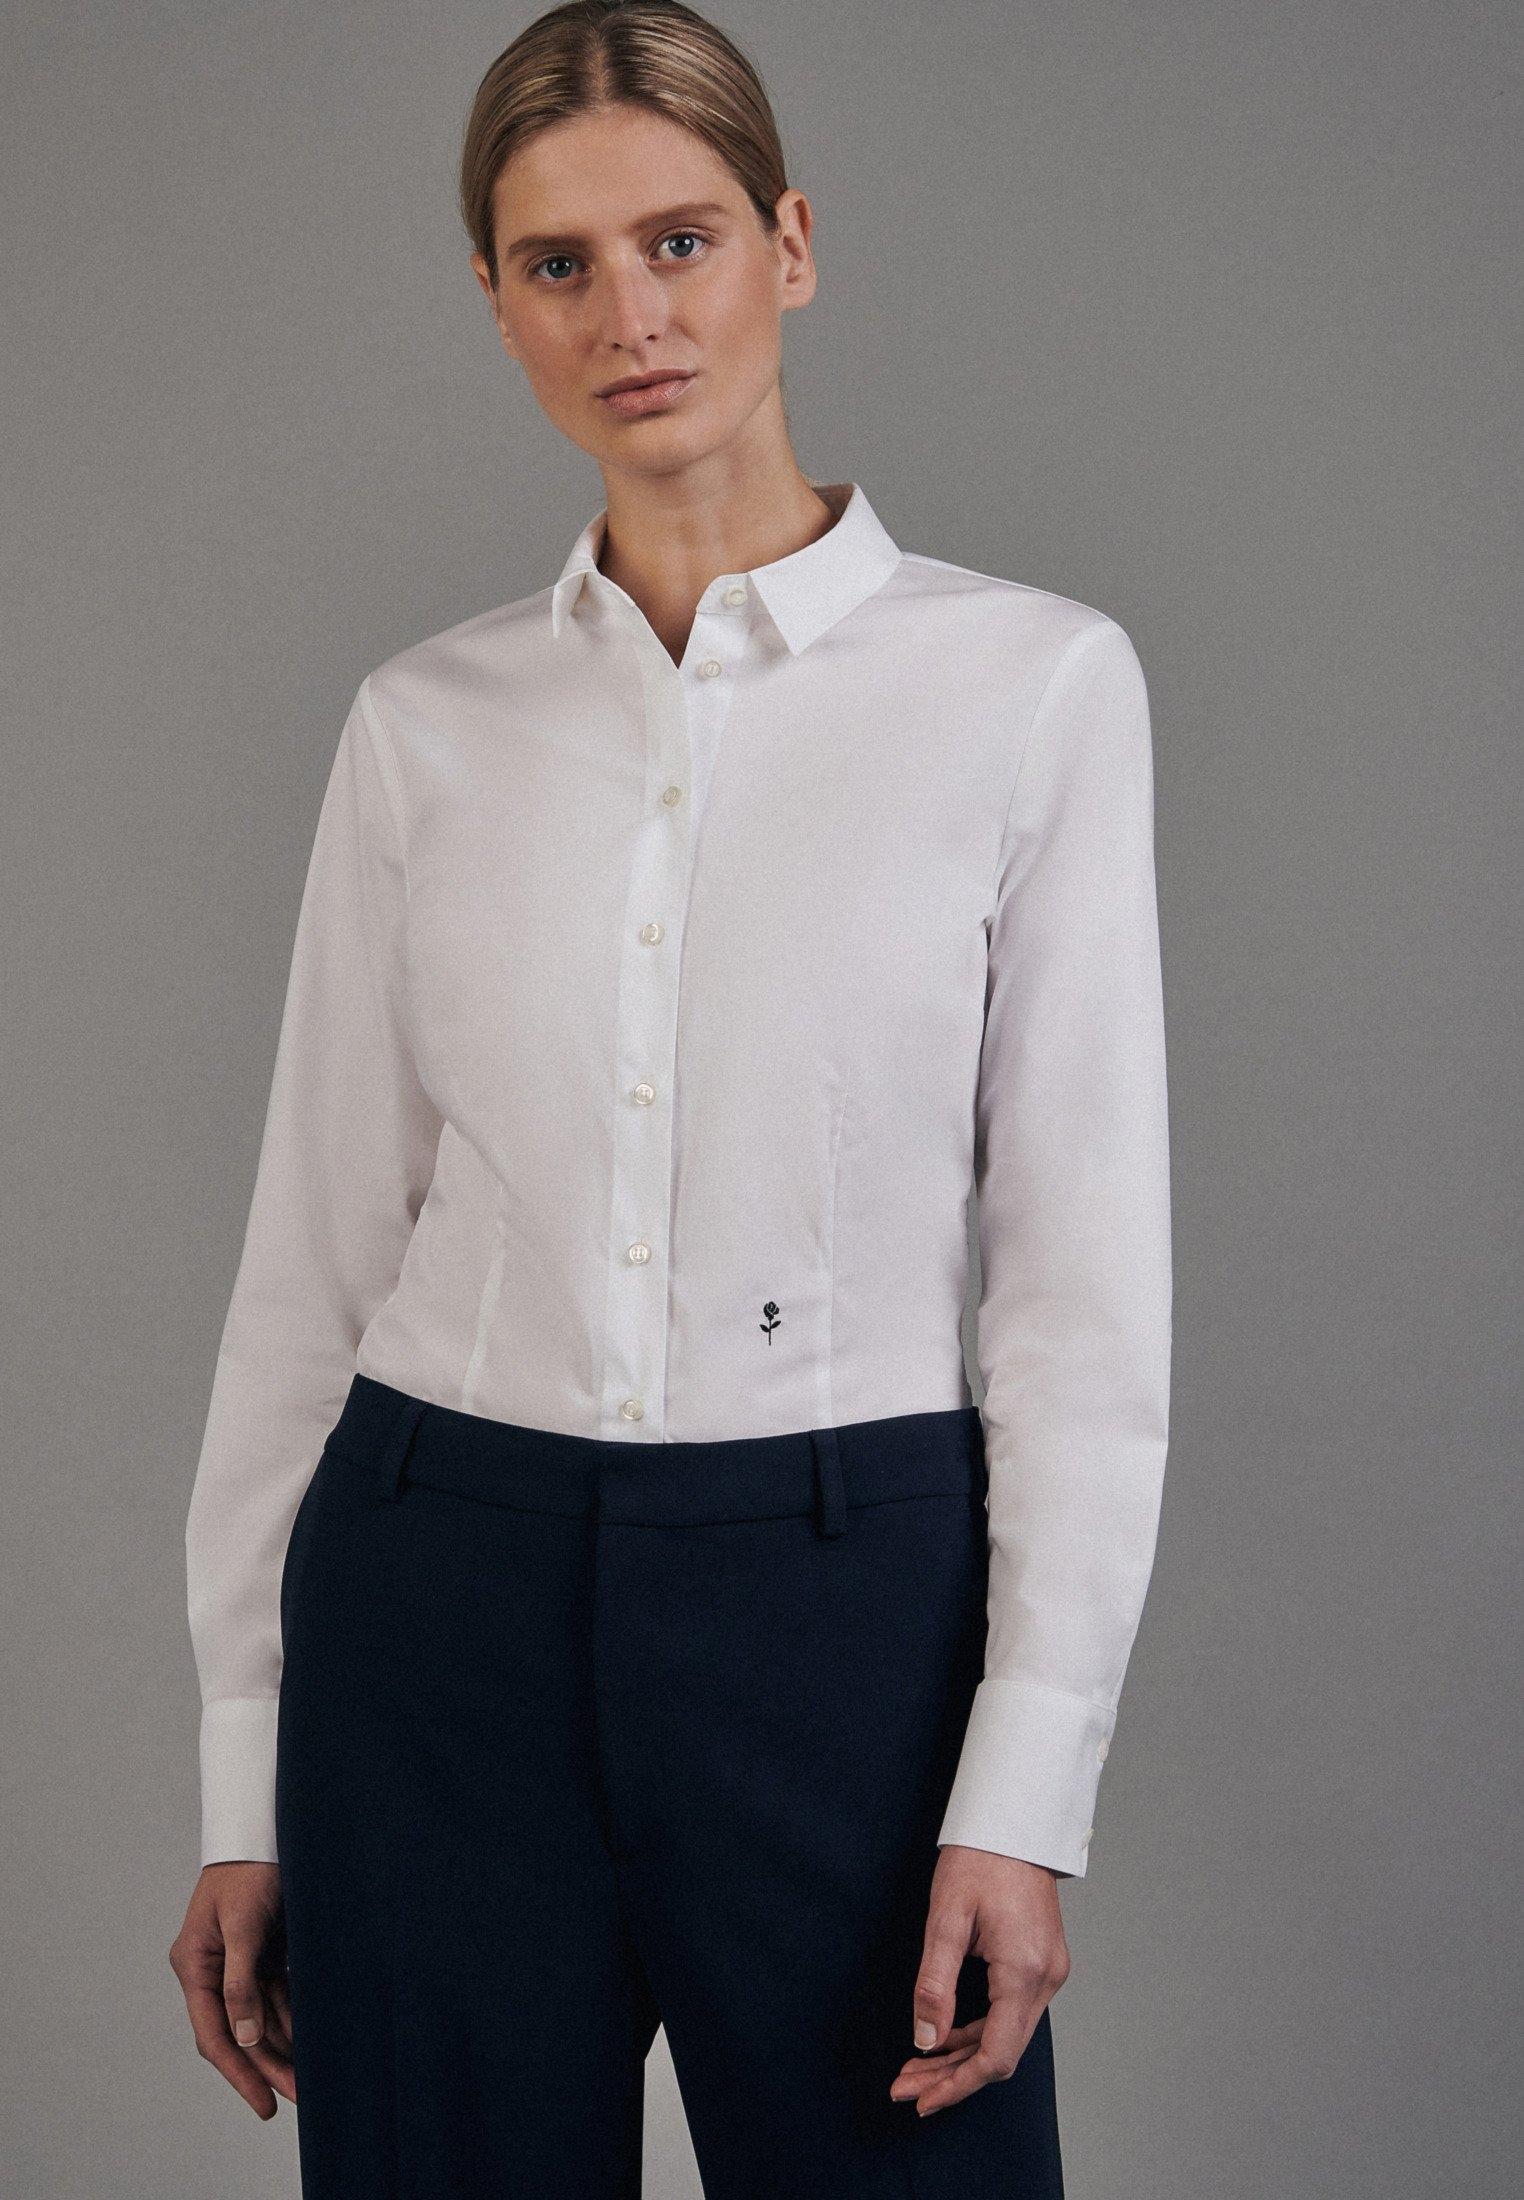 seidensticker Klassieke blouse Zwarte roos Lange mouwen kraag uni voordelig en veilig online kopen